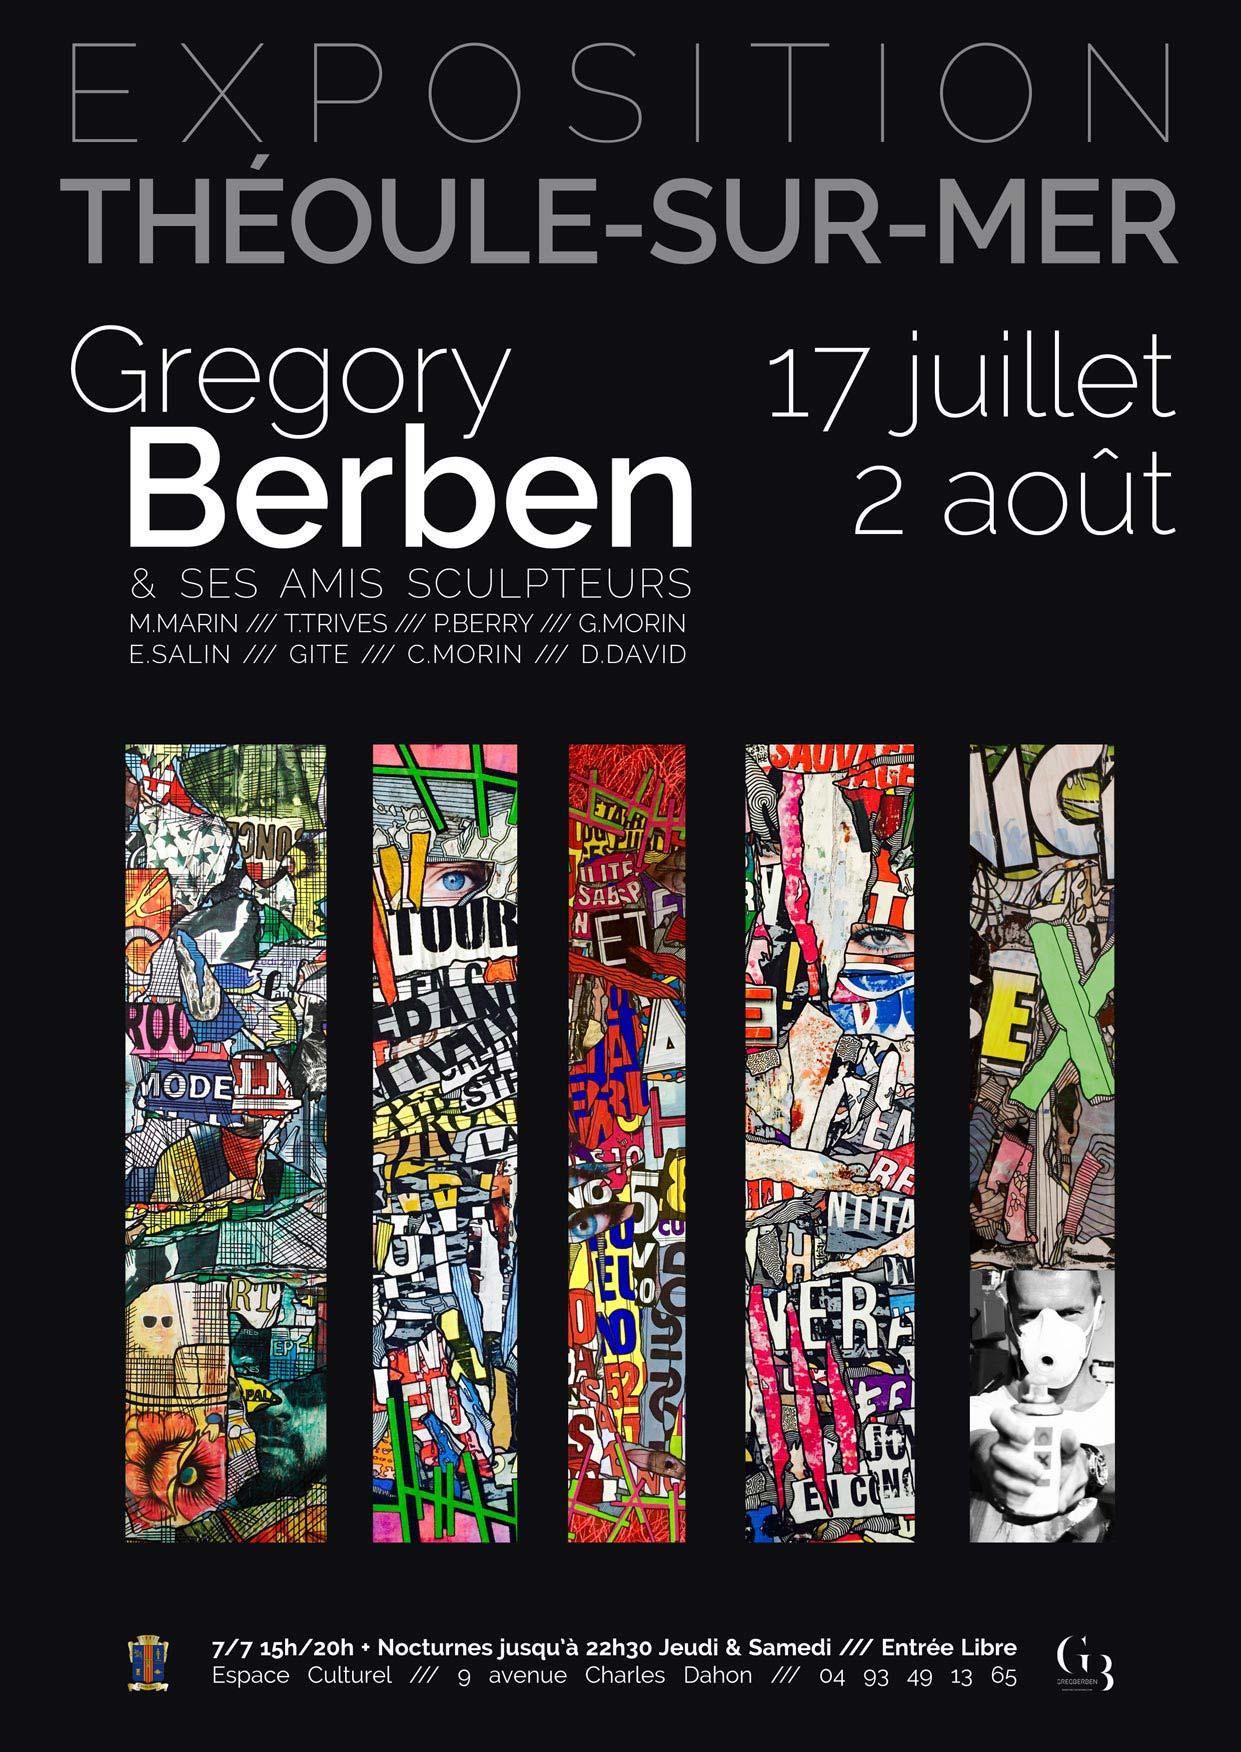 Grégory Berben 2015 Théoule Affiche Exposition